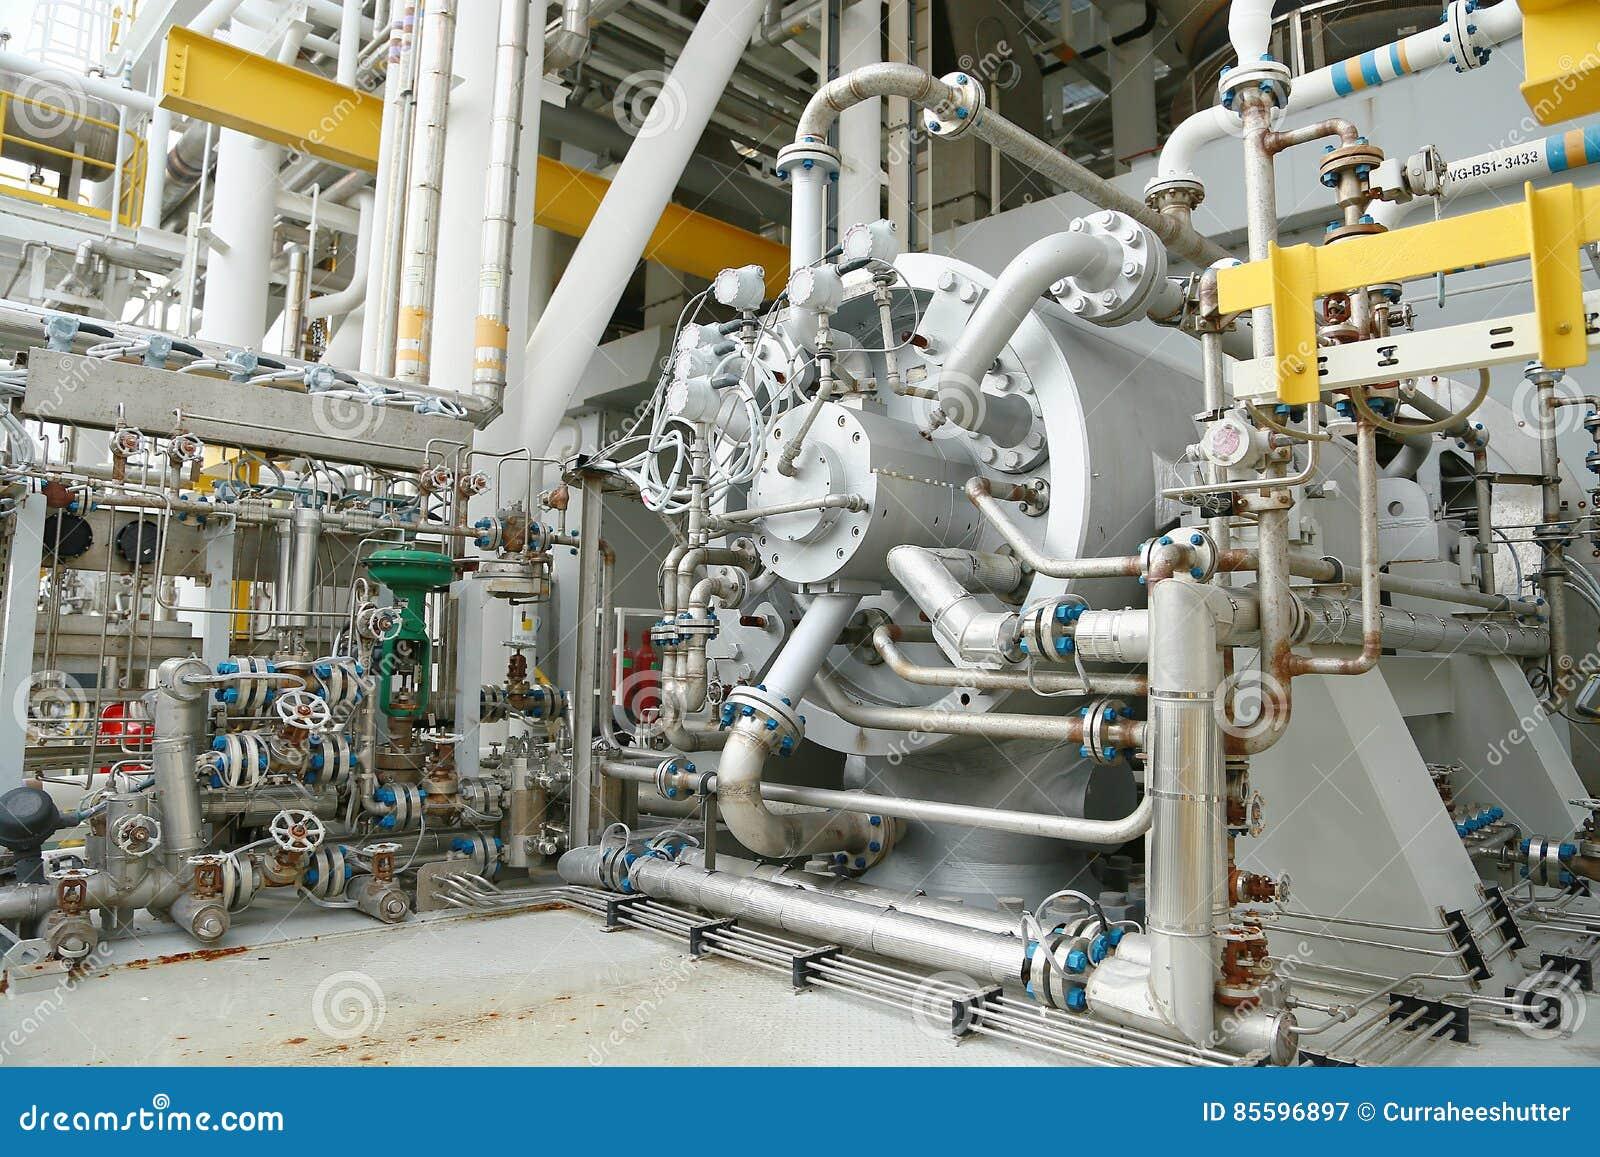 Bearbeiten Sie Turbine in der Öl- und Gasanlage für Antriebsdruckluftanlage für Operation maschinell Turbine, die mit langer Zeit